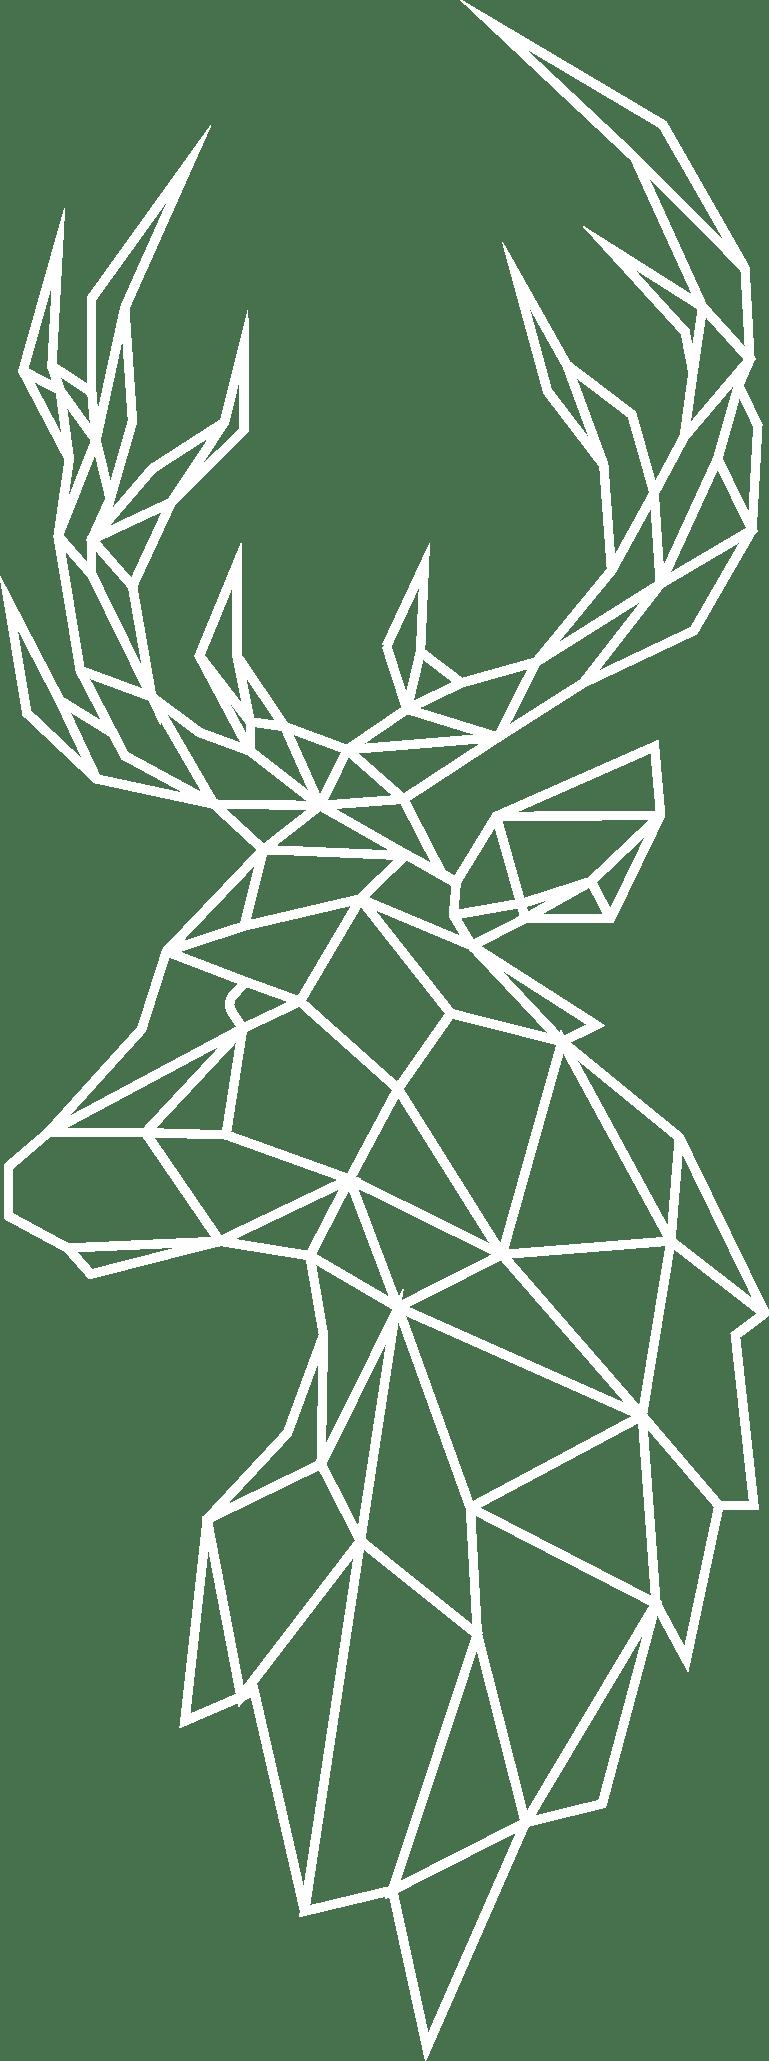 cerf_logo_white_paper_communication